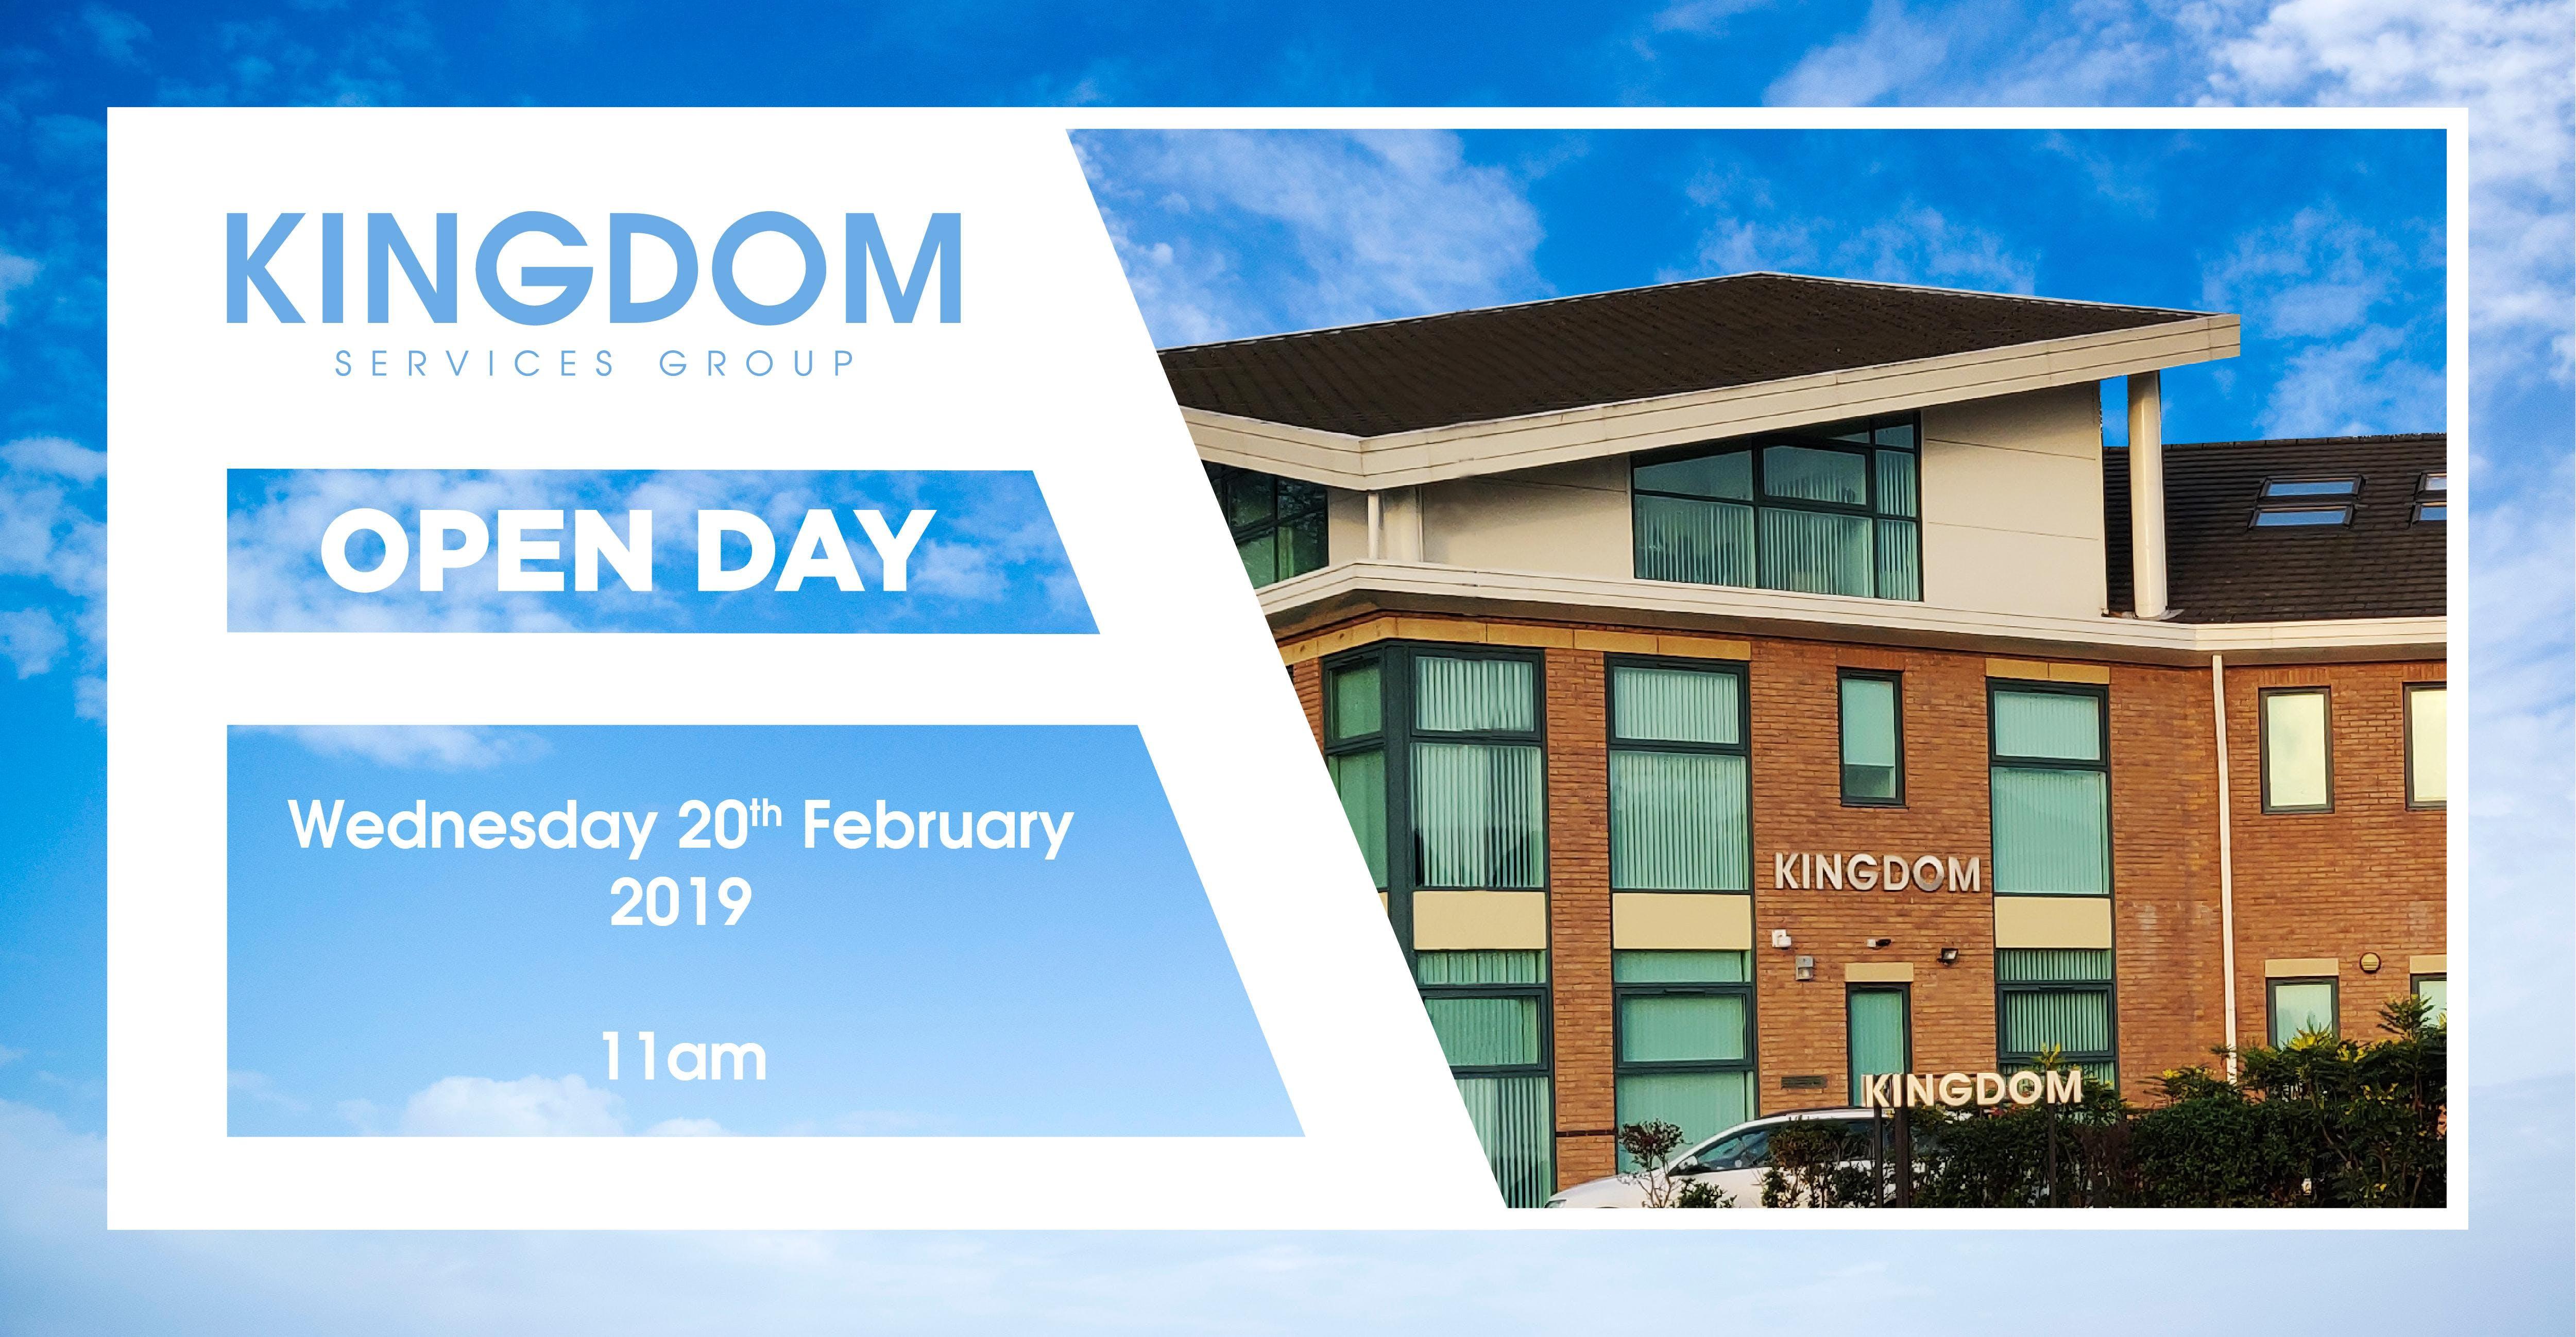 Kingdom Open Day